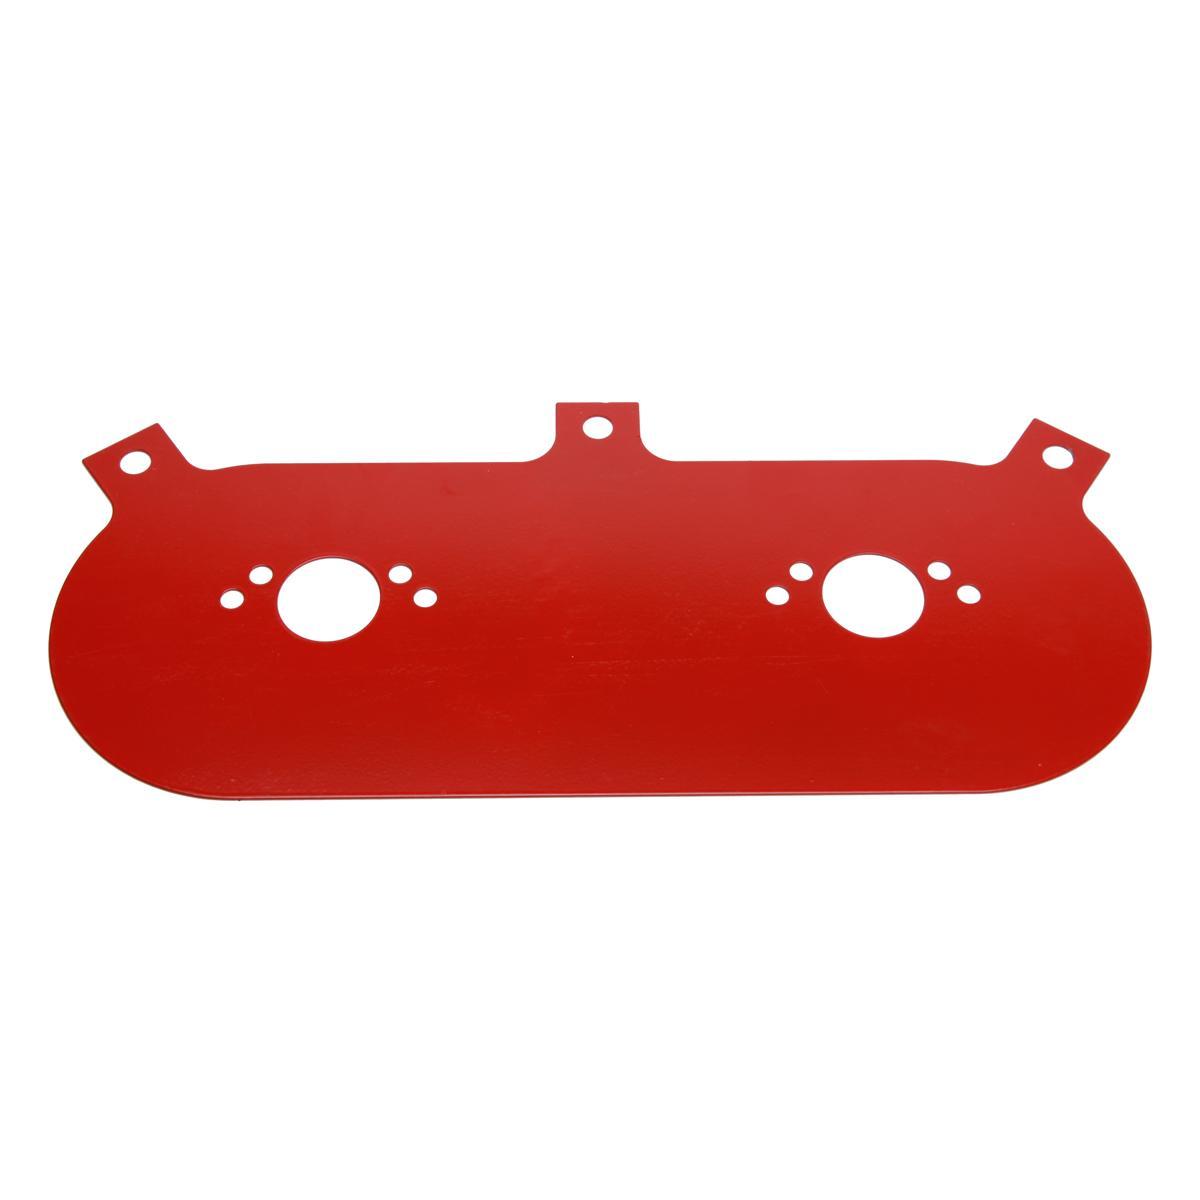 Base plate mgb su hs4 itg 5jc40 merlin motorsport for Motor base plate design